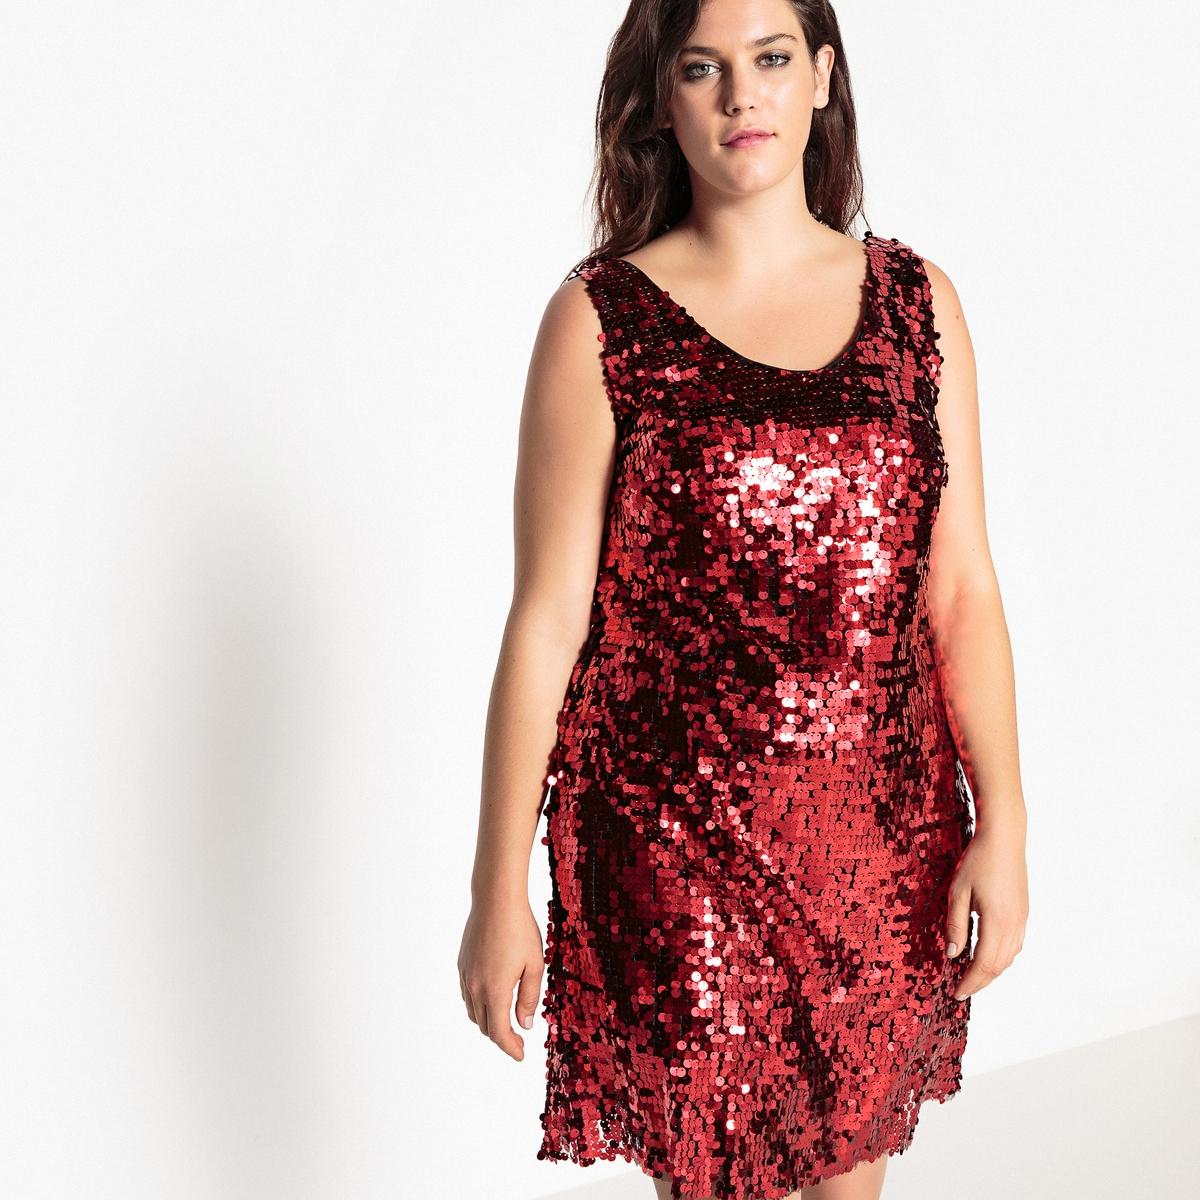 Платье прямое с пайеткамиОписание:Хорошенькое платье с пайетками в духе 80-х . Гламурное платье с блестками идеально для того, чтобы блистать на вечеринке и притягивать взгляды .Детали •  Форма : расклешенная •  Длина до колен •  Без рукавов    •   V-образный вырезСостав и уход •  100% полиамид •  Подкладка : 100% полиэстер •  Температура стирки при 30° на деликатном режиме  •  Сухая чистка и отбеливание запрещены •  Не использовать барабанную сушку  •  Не гладитьТовар из коллекции больших размеров •  Длина : 99,8 см<br><br>Цвет: красный с блестками<br>Размер: 56 (FR) - 62 (RUS).42 (FR) - 48 (RUS)